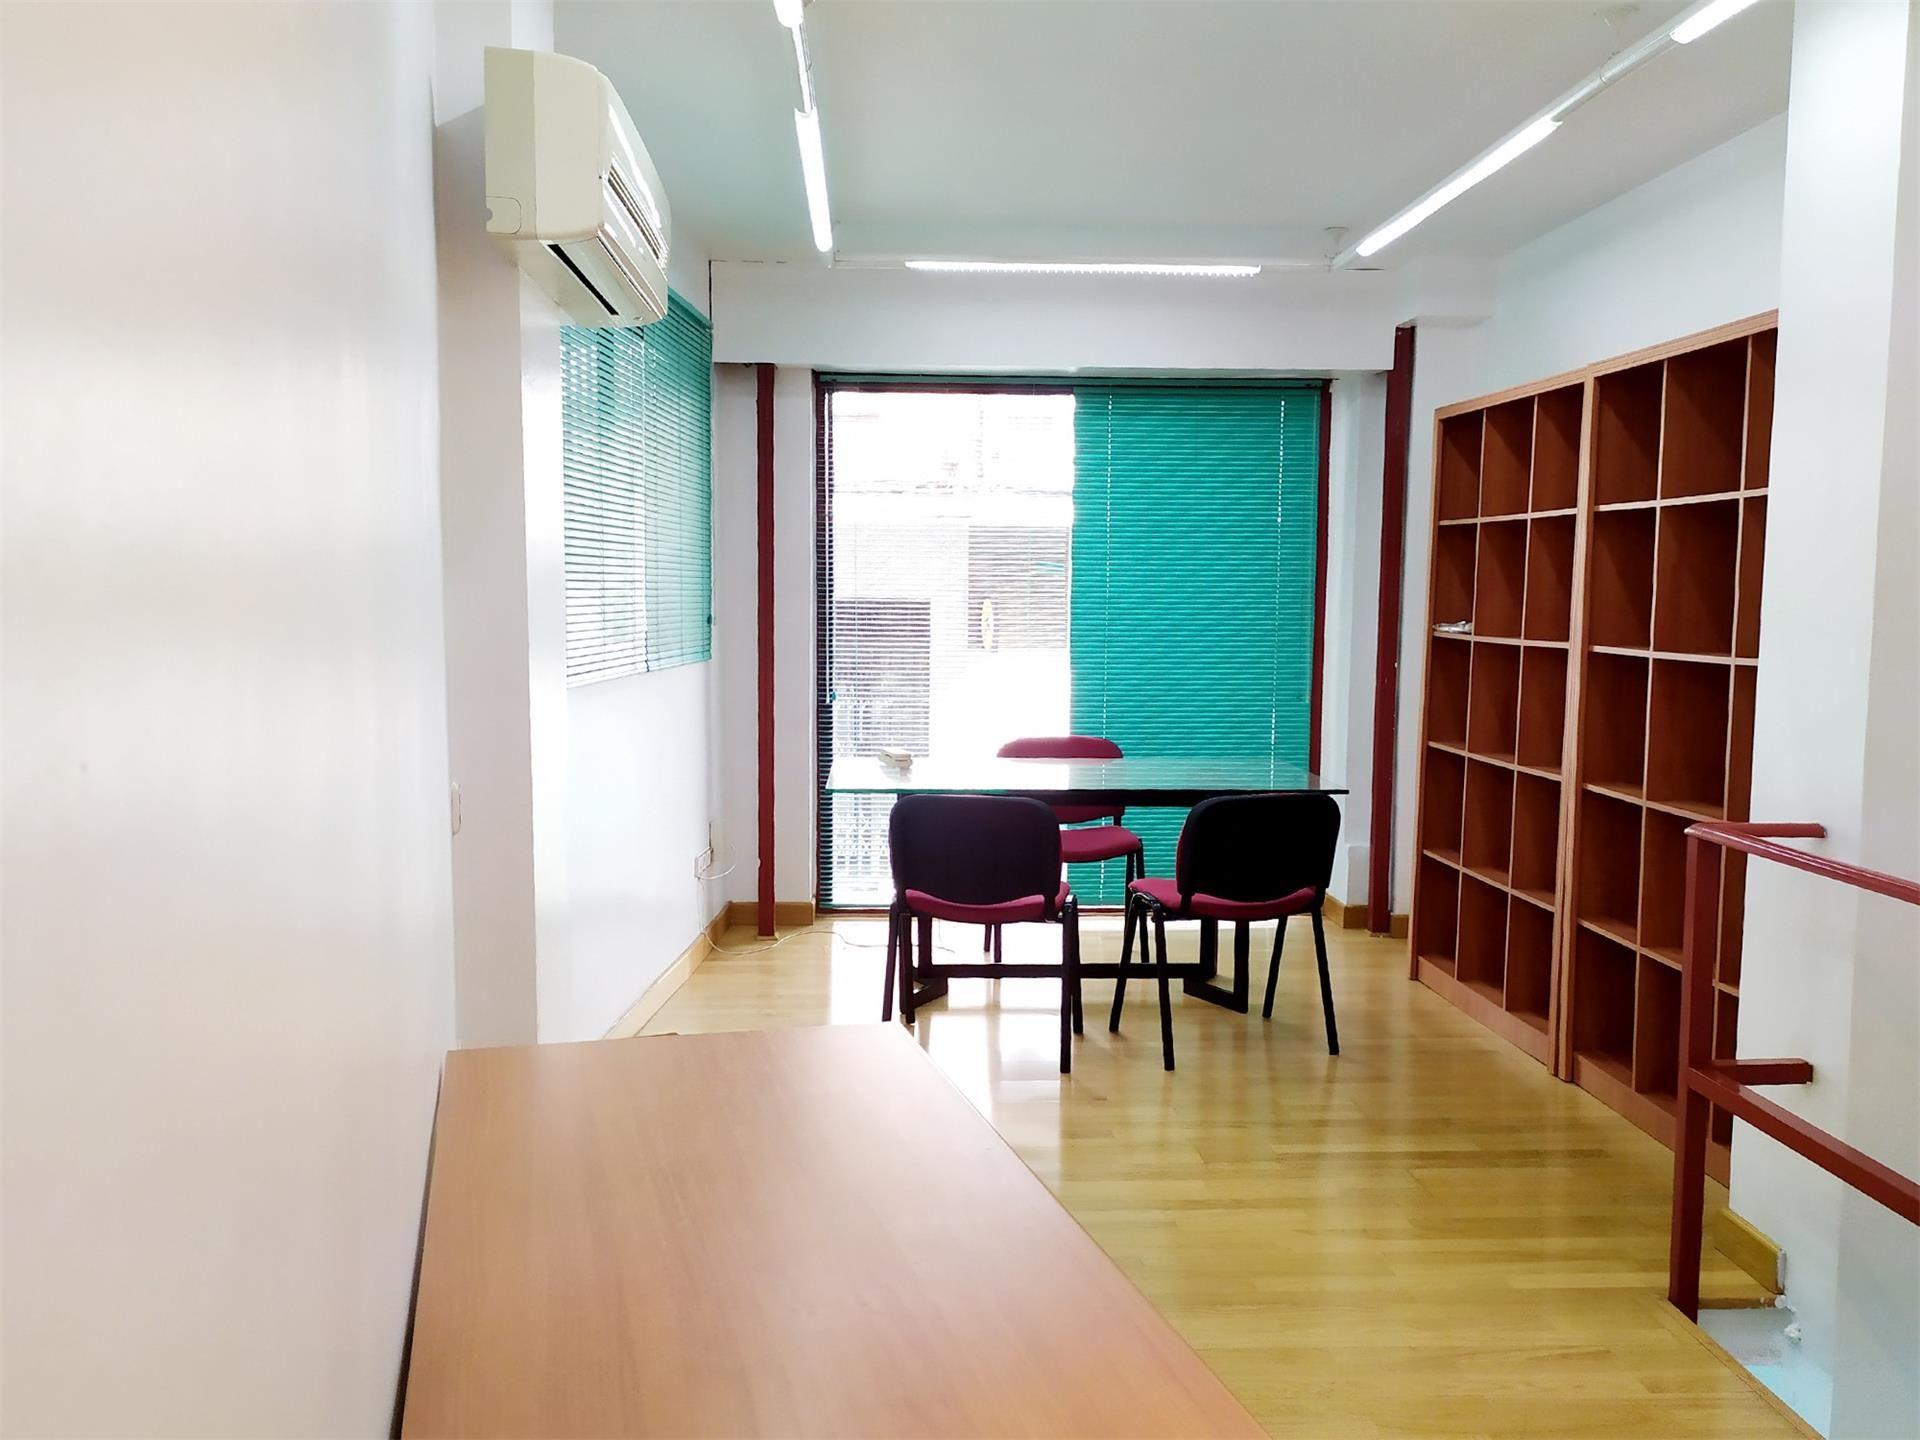 Oficina de alquiler en Calle Mariano Vergara, 19, Centro (Viana de Cega, Valladolid)